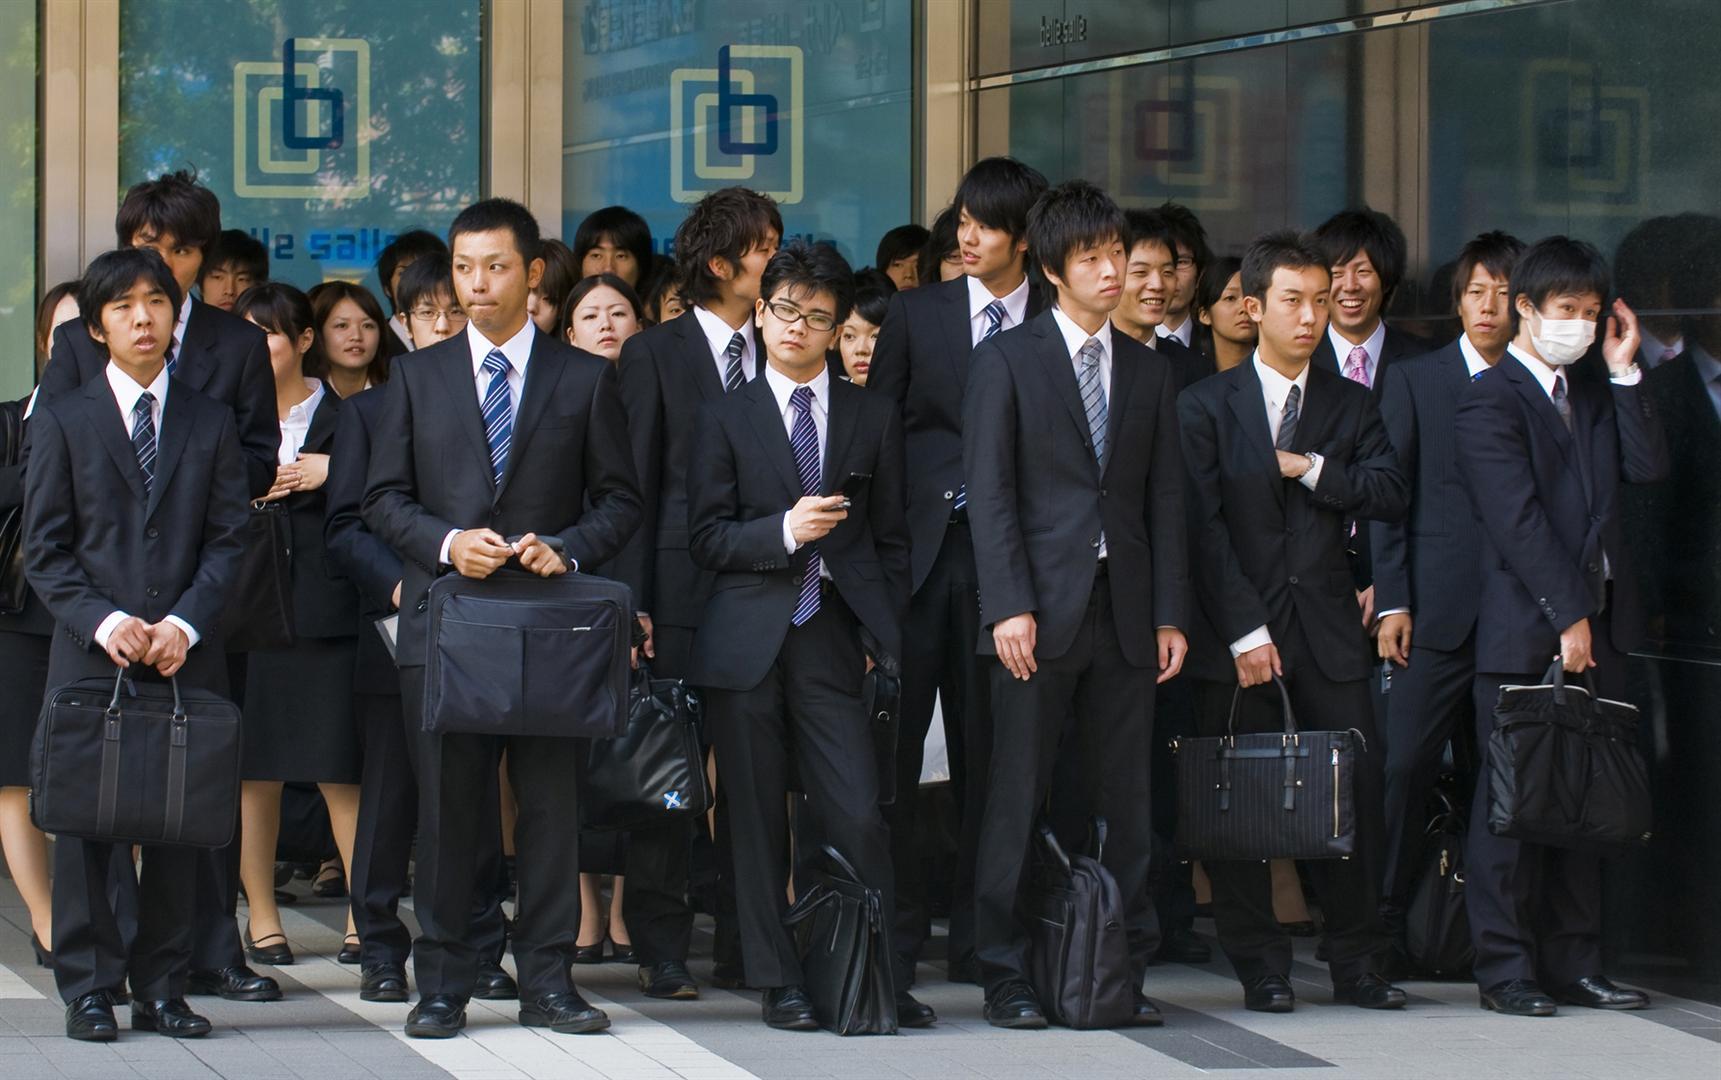 اثر ثروت بیتکوین موجب افزایش تولید ناخالص داخلی ژاپن میشود